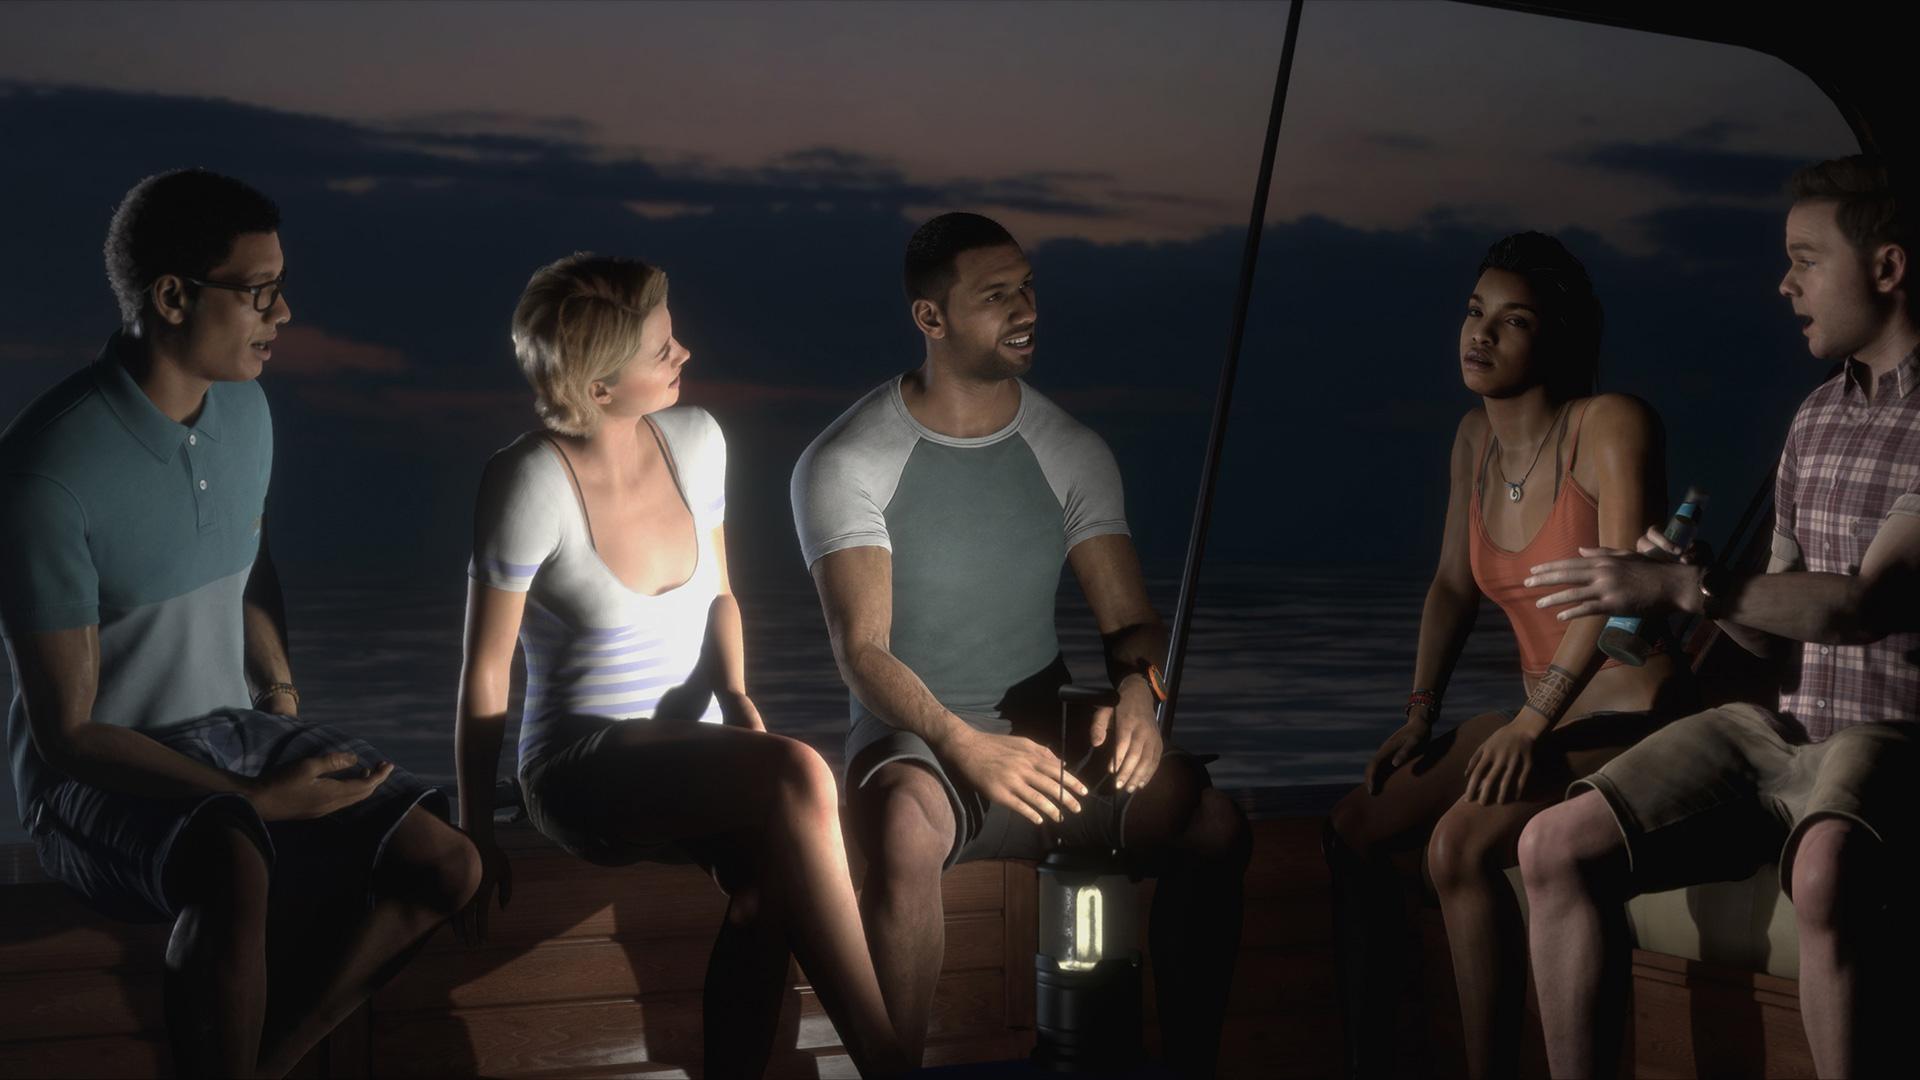 《黑相集:棉兰号》公布25分钟实机演示画面